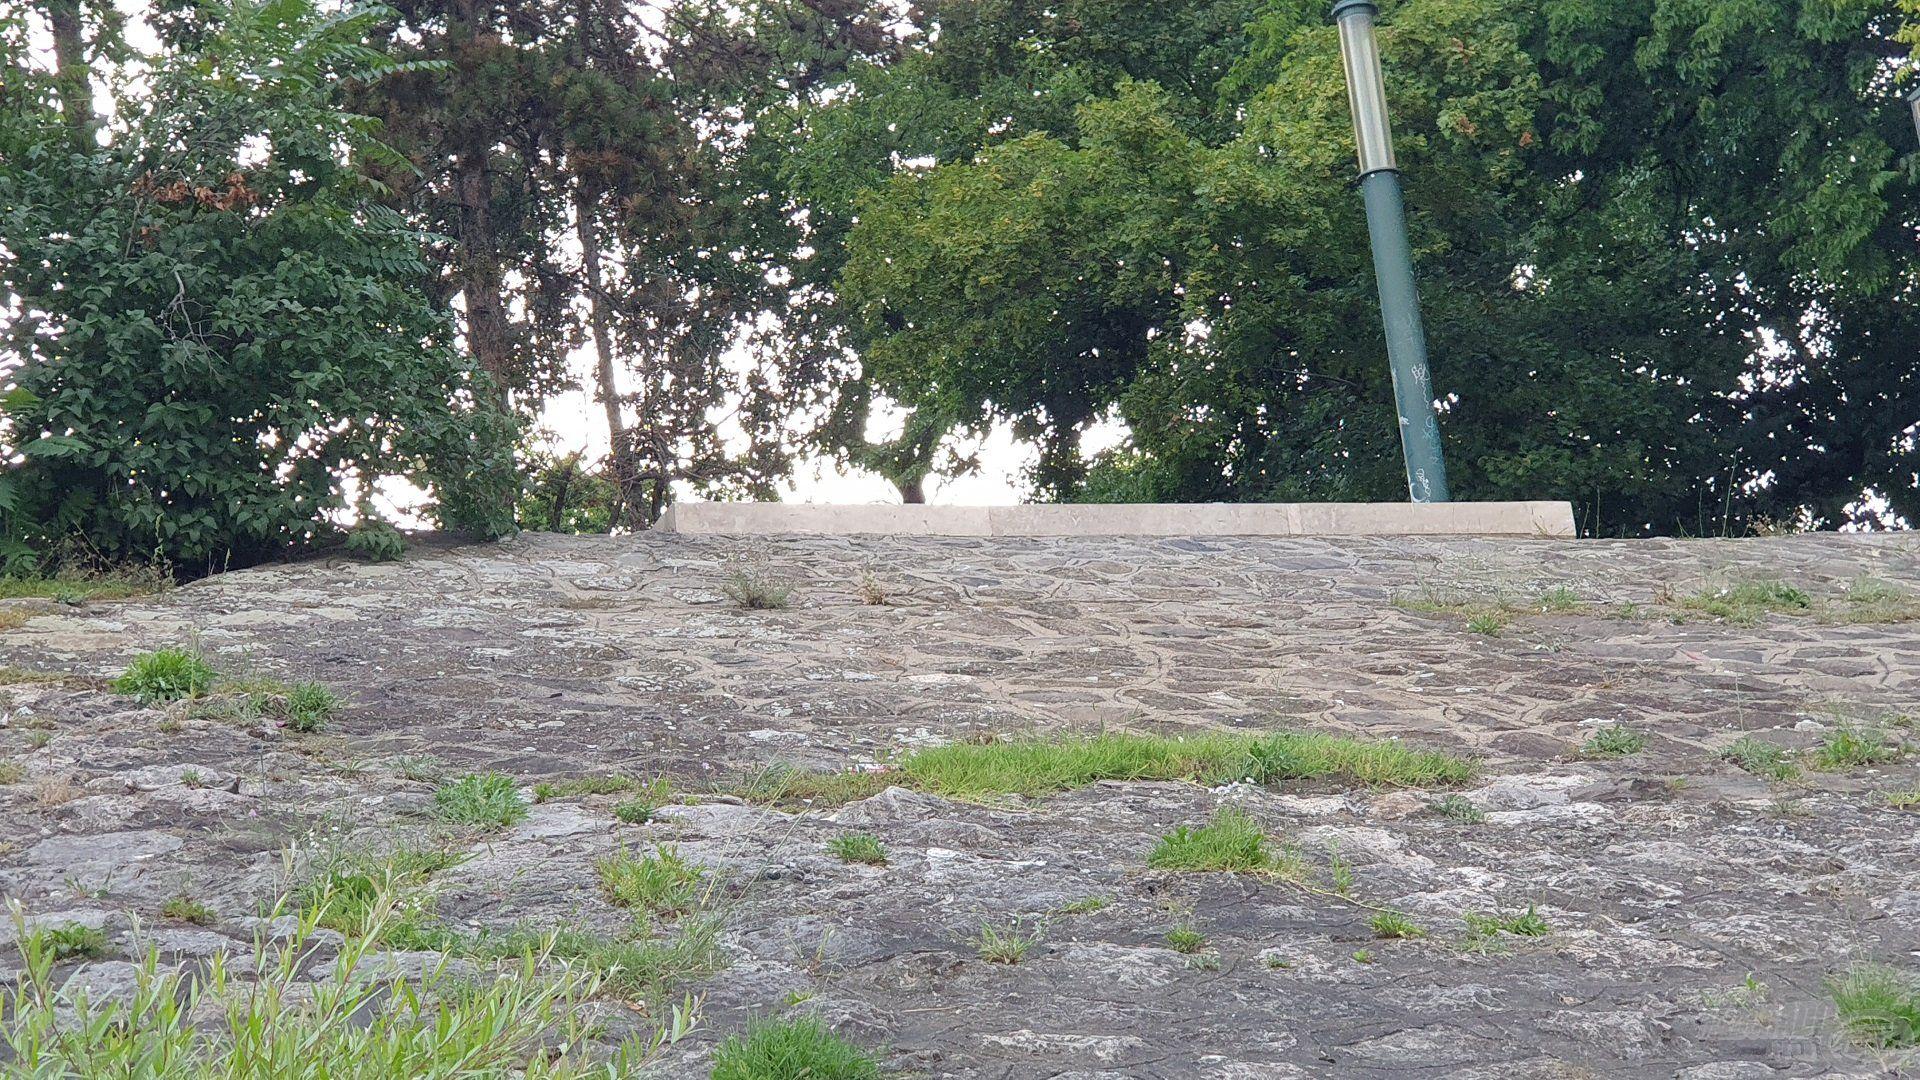 Sehol egy lépcső a közelben, ezen a meredek rézsűn jutottam le a vízpartra